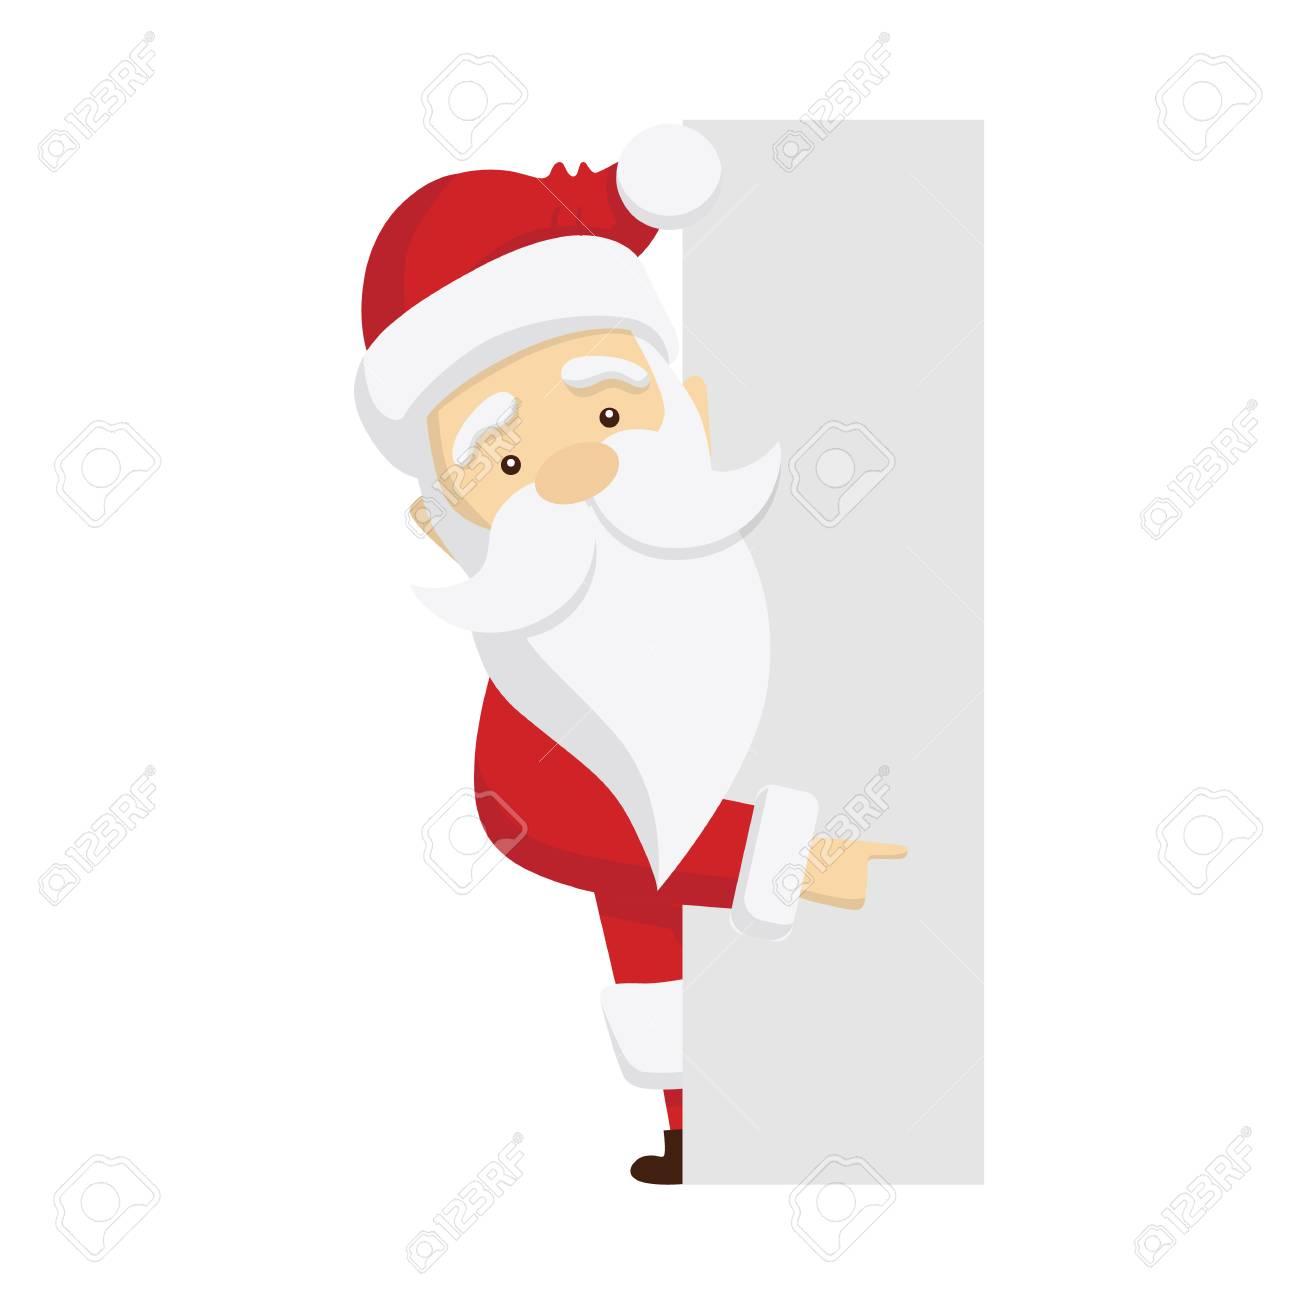 Groß Druckbare Weihnachtsmann Vorlage Fotos - Entry Level Resume ...